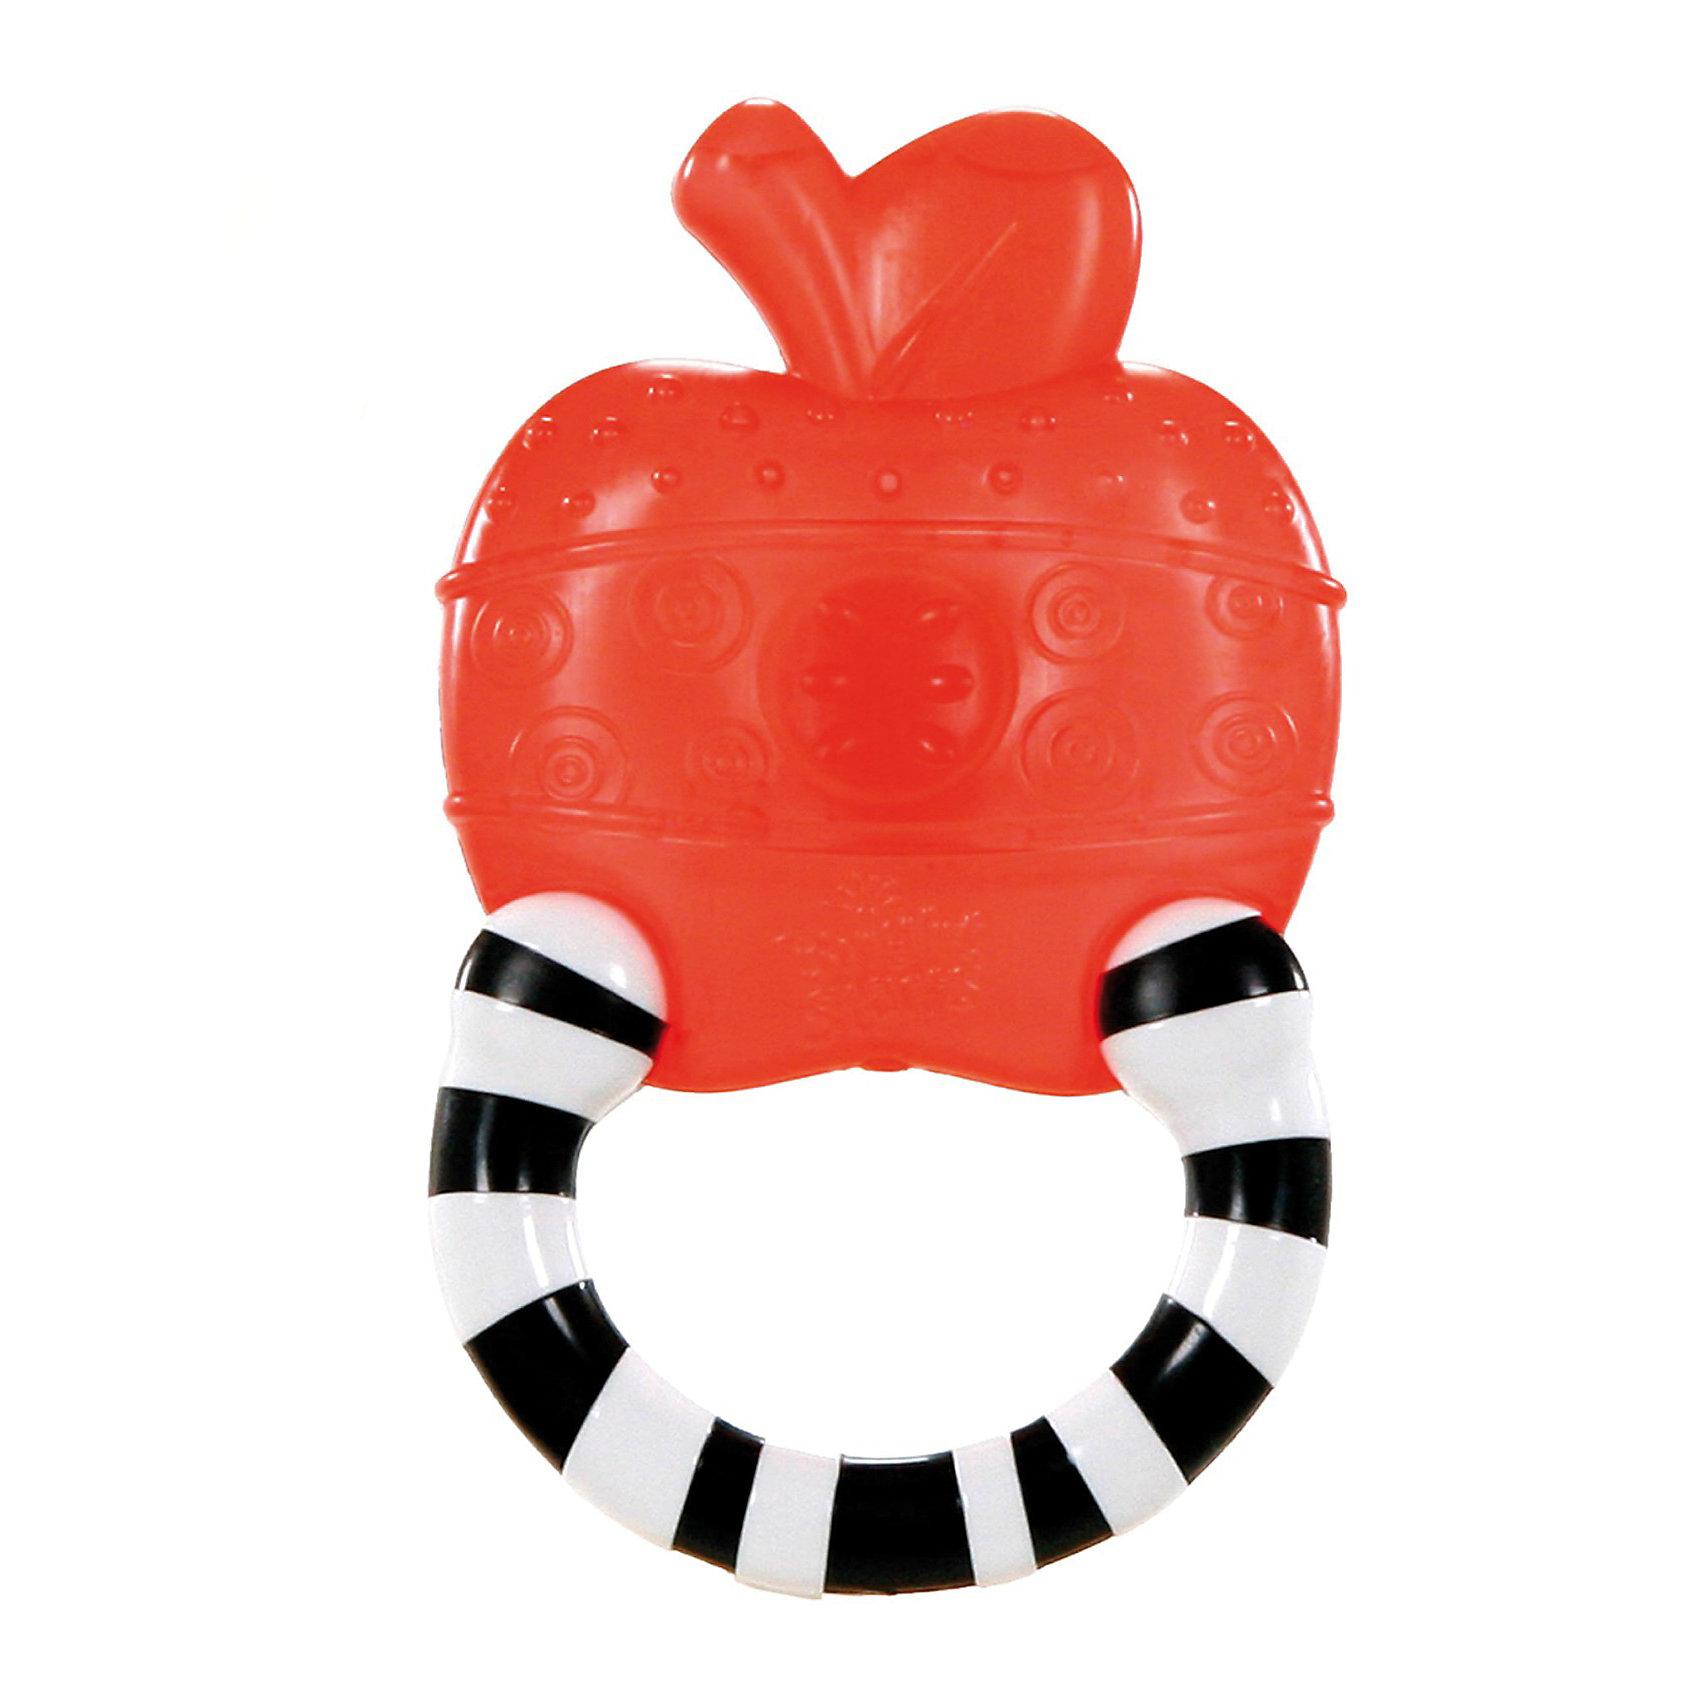 Мягкий прорезыватель для зубок «Полосатое колечко», Яблоко Bright StartsПрорезыватели<br>Удивительный, мягкий прорезыватель для зубов «Полосатое колечко» в виде яблока от Bright Starts (Брайт Стартс) станет помощником для Вашего малыша в период роста зубок. Модель может использоваться детьми возрастом от 3 месяцев до 1 года.<br><br>Мягкий прорезыватель поможет малышу снять болезненность с десен, благодаря специальному материалу, применяемому в процессе производства. Удобная форма модели позволяет ребенку крепко и надежно держать ее в ручках. Высококонтрастные цвета игрушки прекрасно развивают зрение малыша. Также отлично развиваются тактильные ощущения, что достигается за счет различных структур на прорезыватели.<br><br>Удивительно маленькие размеры позволят с удобством взять прорезыватель в гости или путешествие. Мягкий прорезыватель для зубок «Полосатое колечко» - это великолепный подарок для Вашей любимой крохи.<br><br>Дополнительная информация:<br><br>- Размеры товара: 8 * 2 * 12 см<br>- Размеры коробки: 12 * 2 * 19 см<br><br>Мягкий прорезыватель для зубок «Полосатое колечко», Яблоко Bright Starts (Брайт Стартс) можно купить в нашем интернет-магазине.<br><br>Ширина мм: 120<br>Глубина мм: 190<br>Высота мм: 20<br>Вес г: 113<br>Возраст от месяцев: 3<br>Возраст до месяцев: 12<br>Пол: Унисекс<br>Возраст: Детский<br>SKU: 2531389